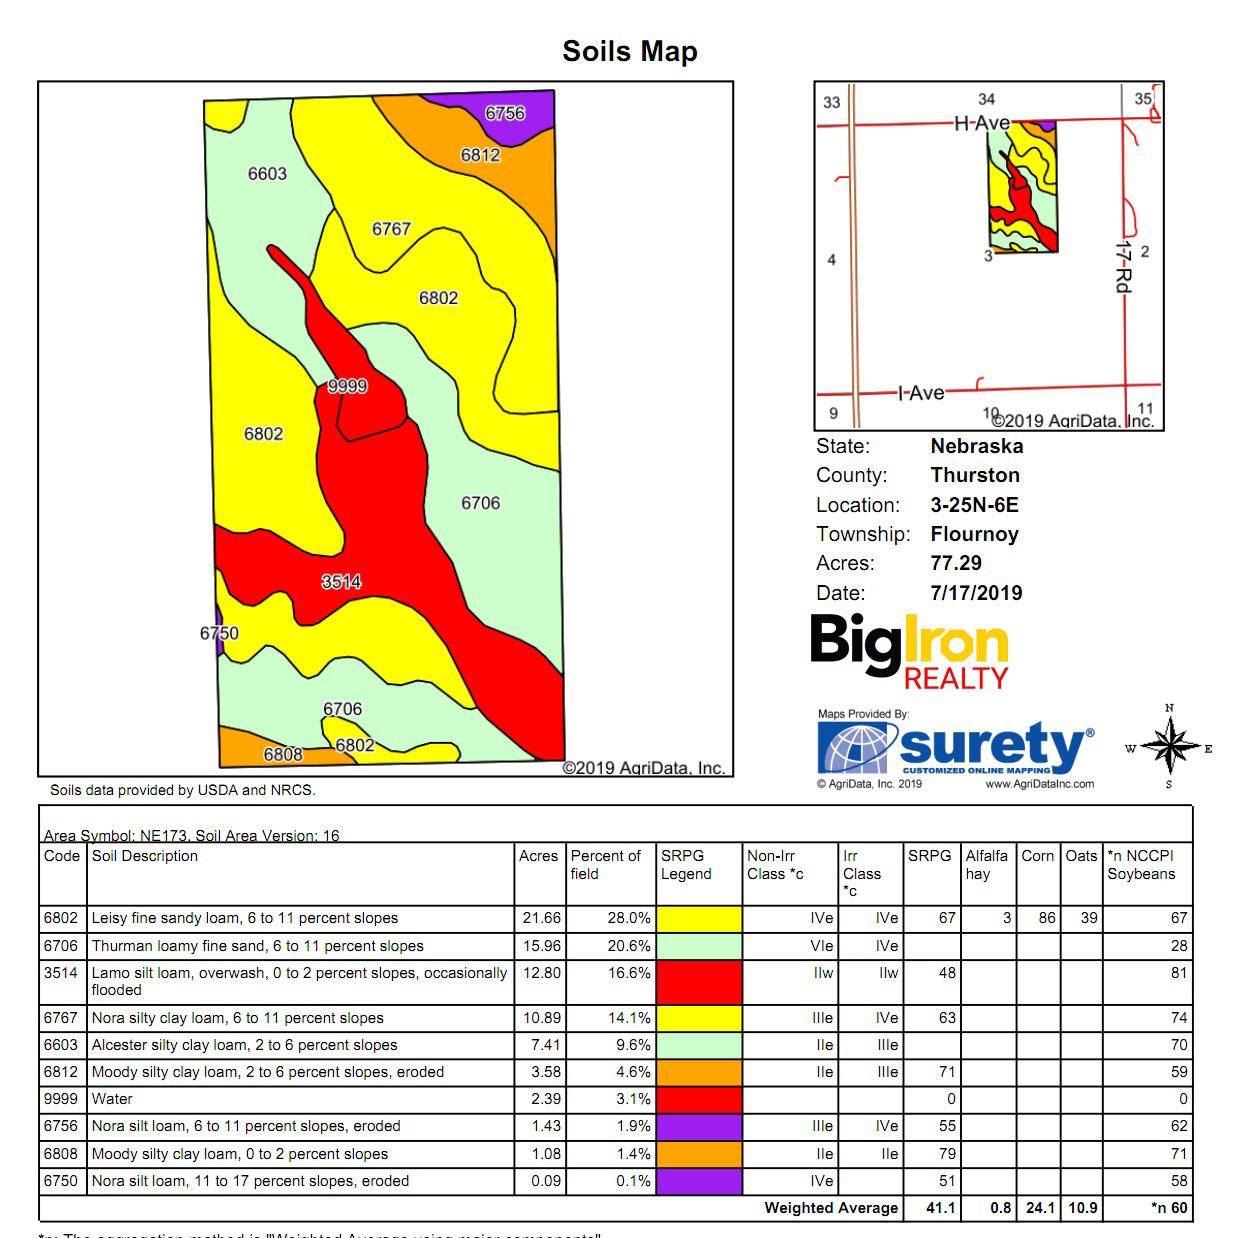 Soil Map BIR1014